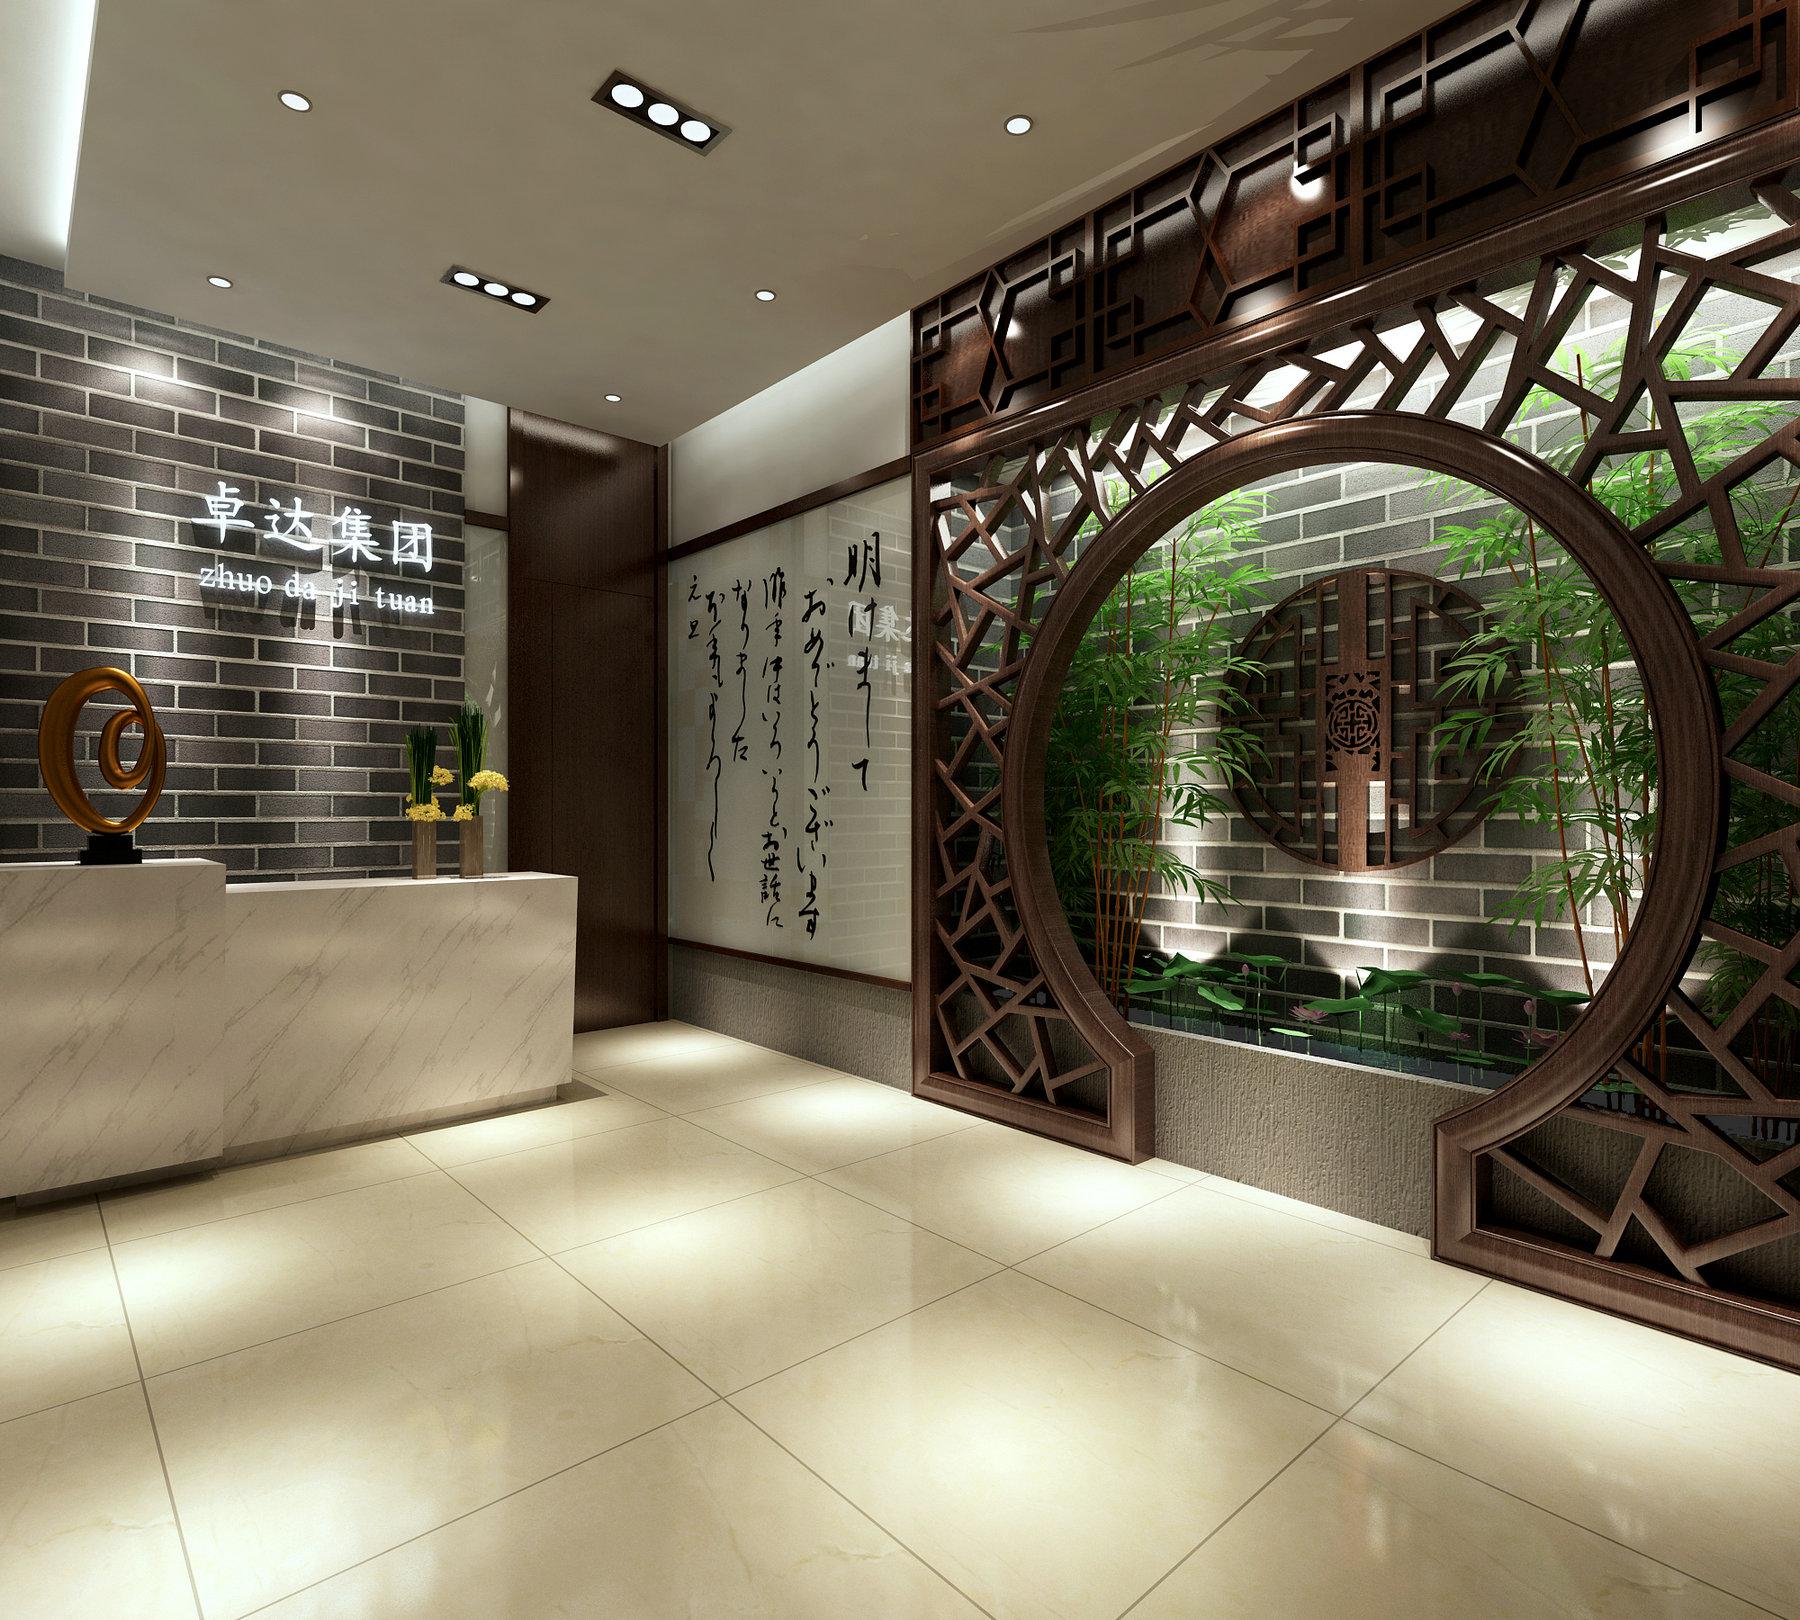 办公空间 现代风格 腾龙设计 玄关图片来自孔继民在办公空间设计案例展示的分享